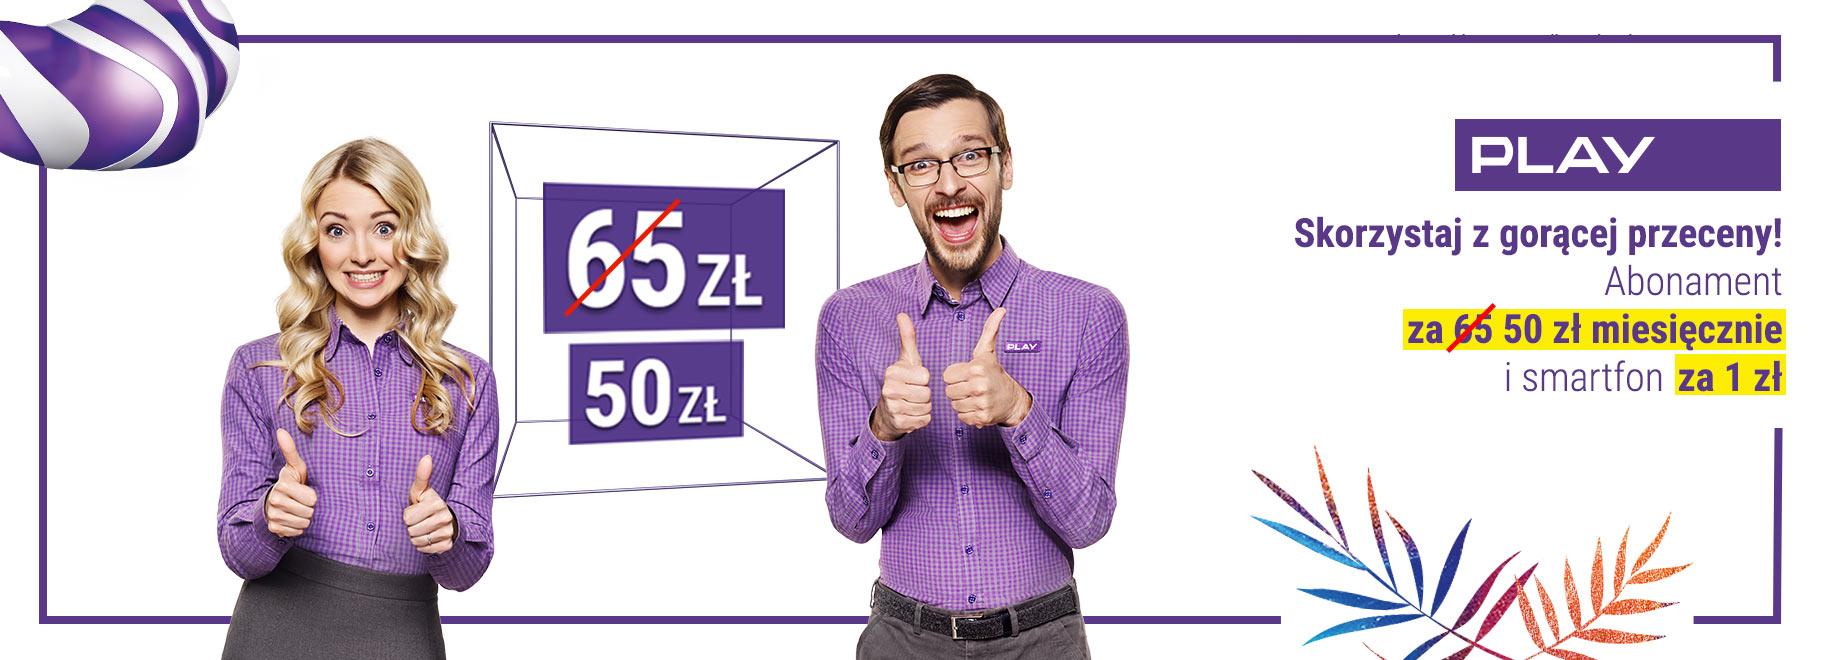 Przy przeniesieniu numeru do abonamentu w Play, zapłacimy o 15 zł mniej każdego miesiąca! 18